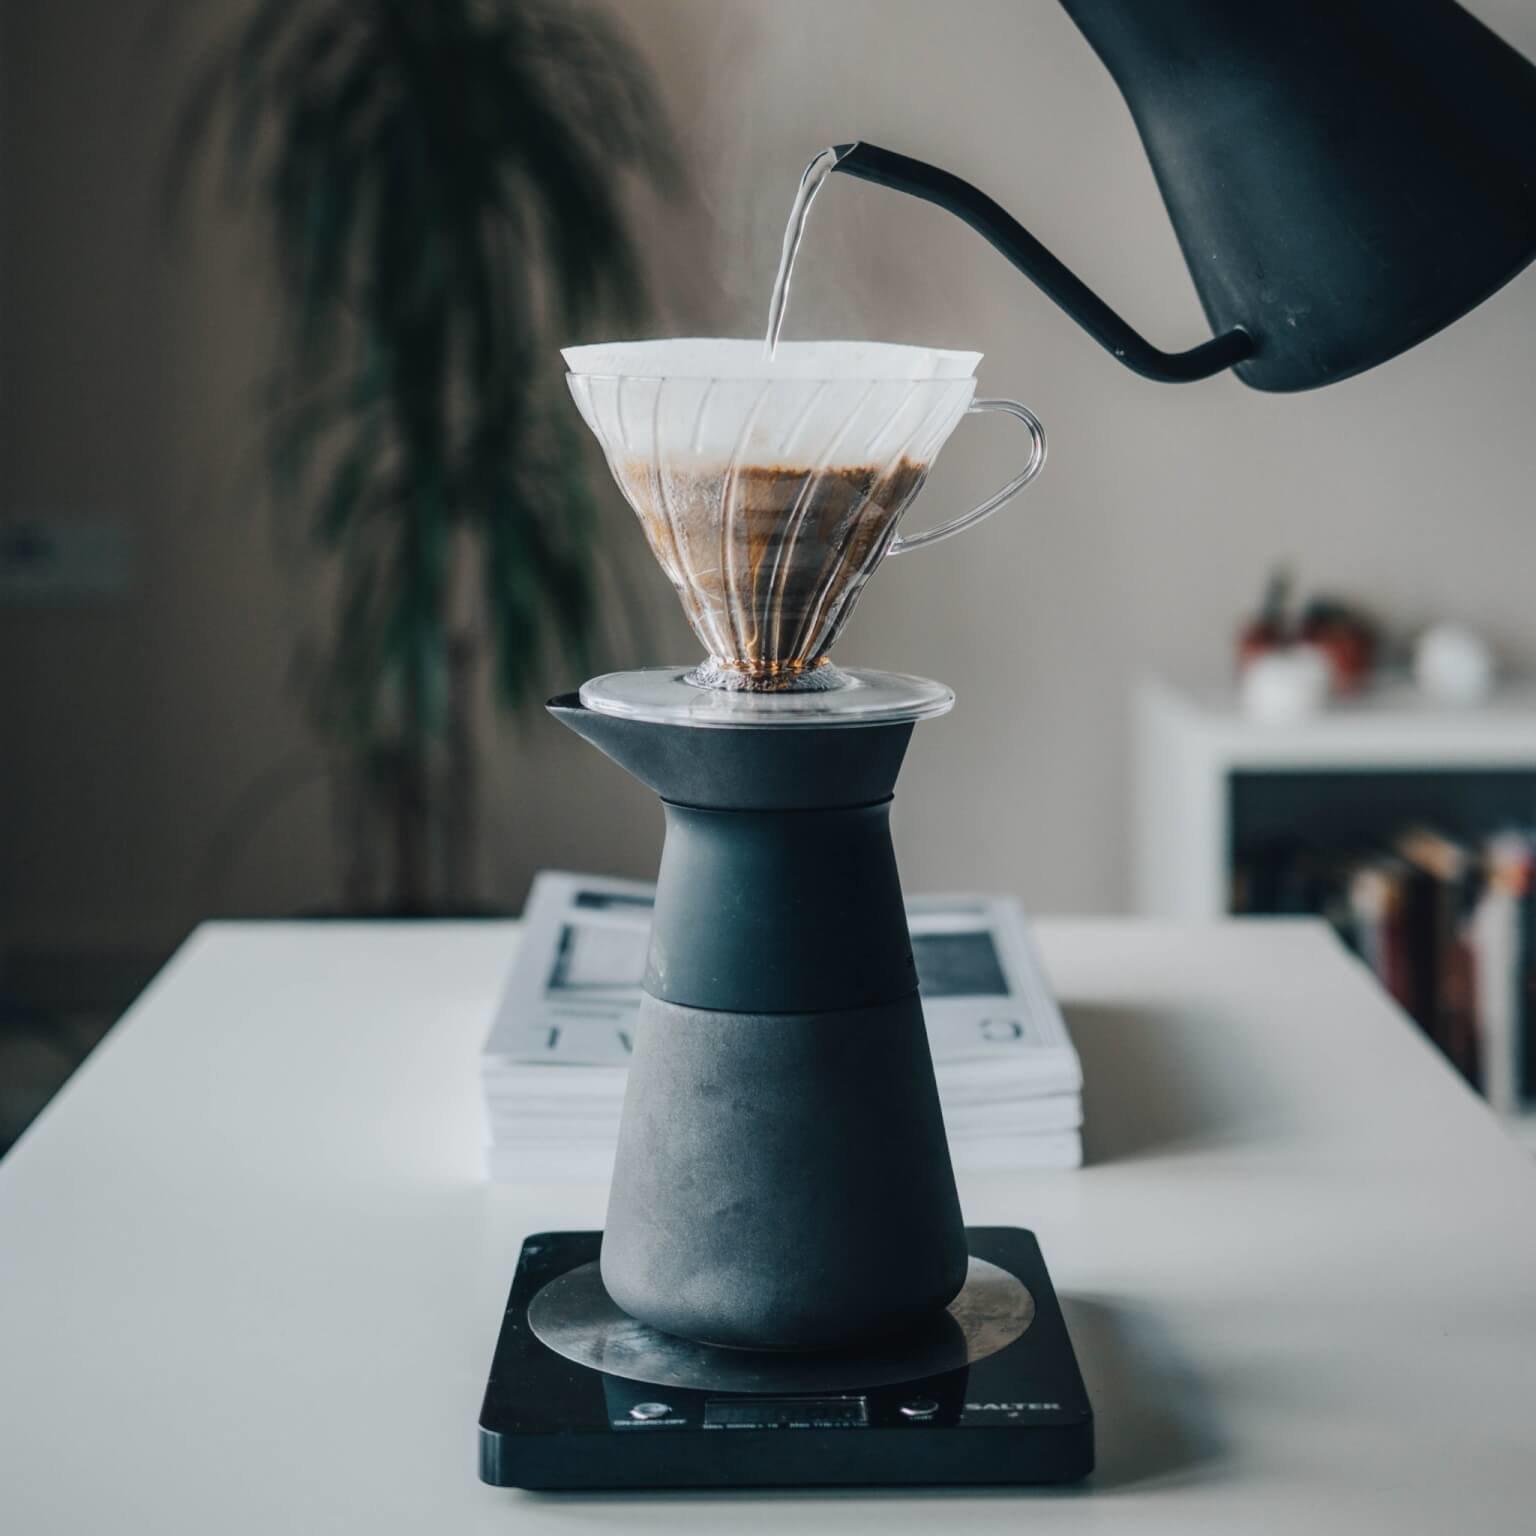 Porzellanfilter zur Kaffeezubereitung